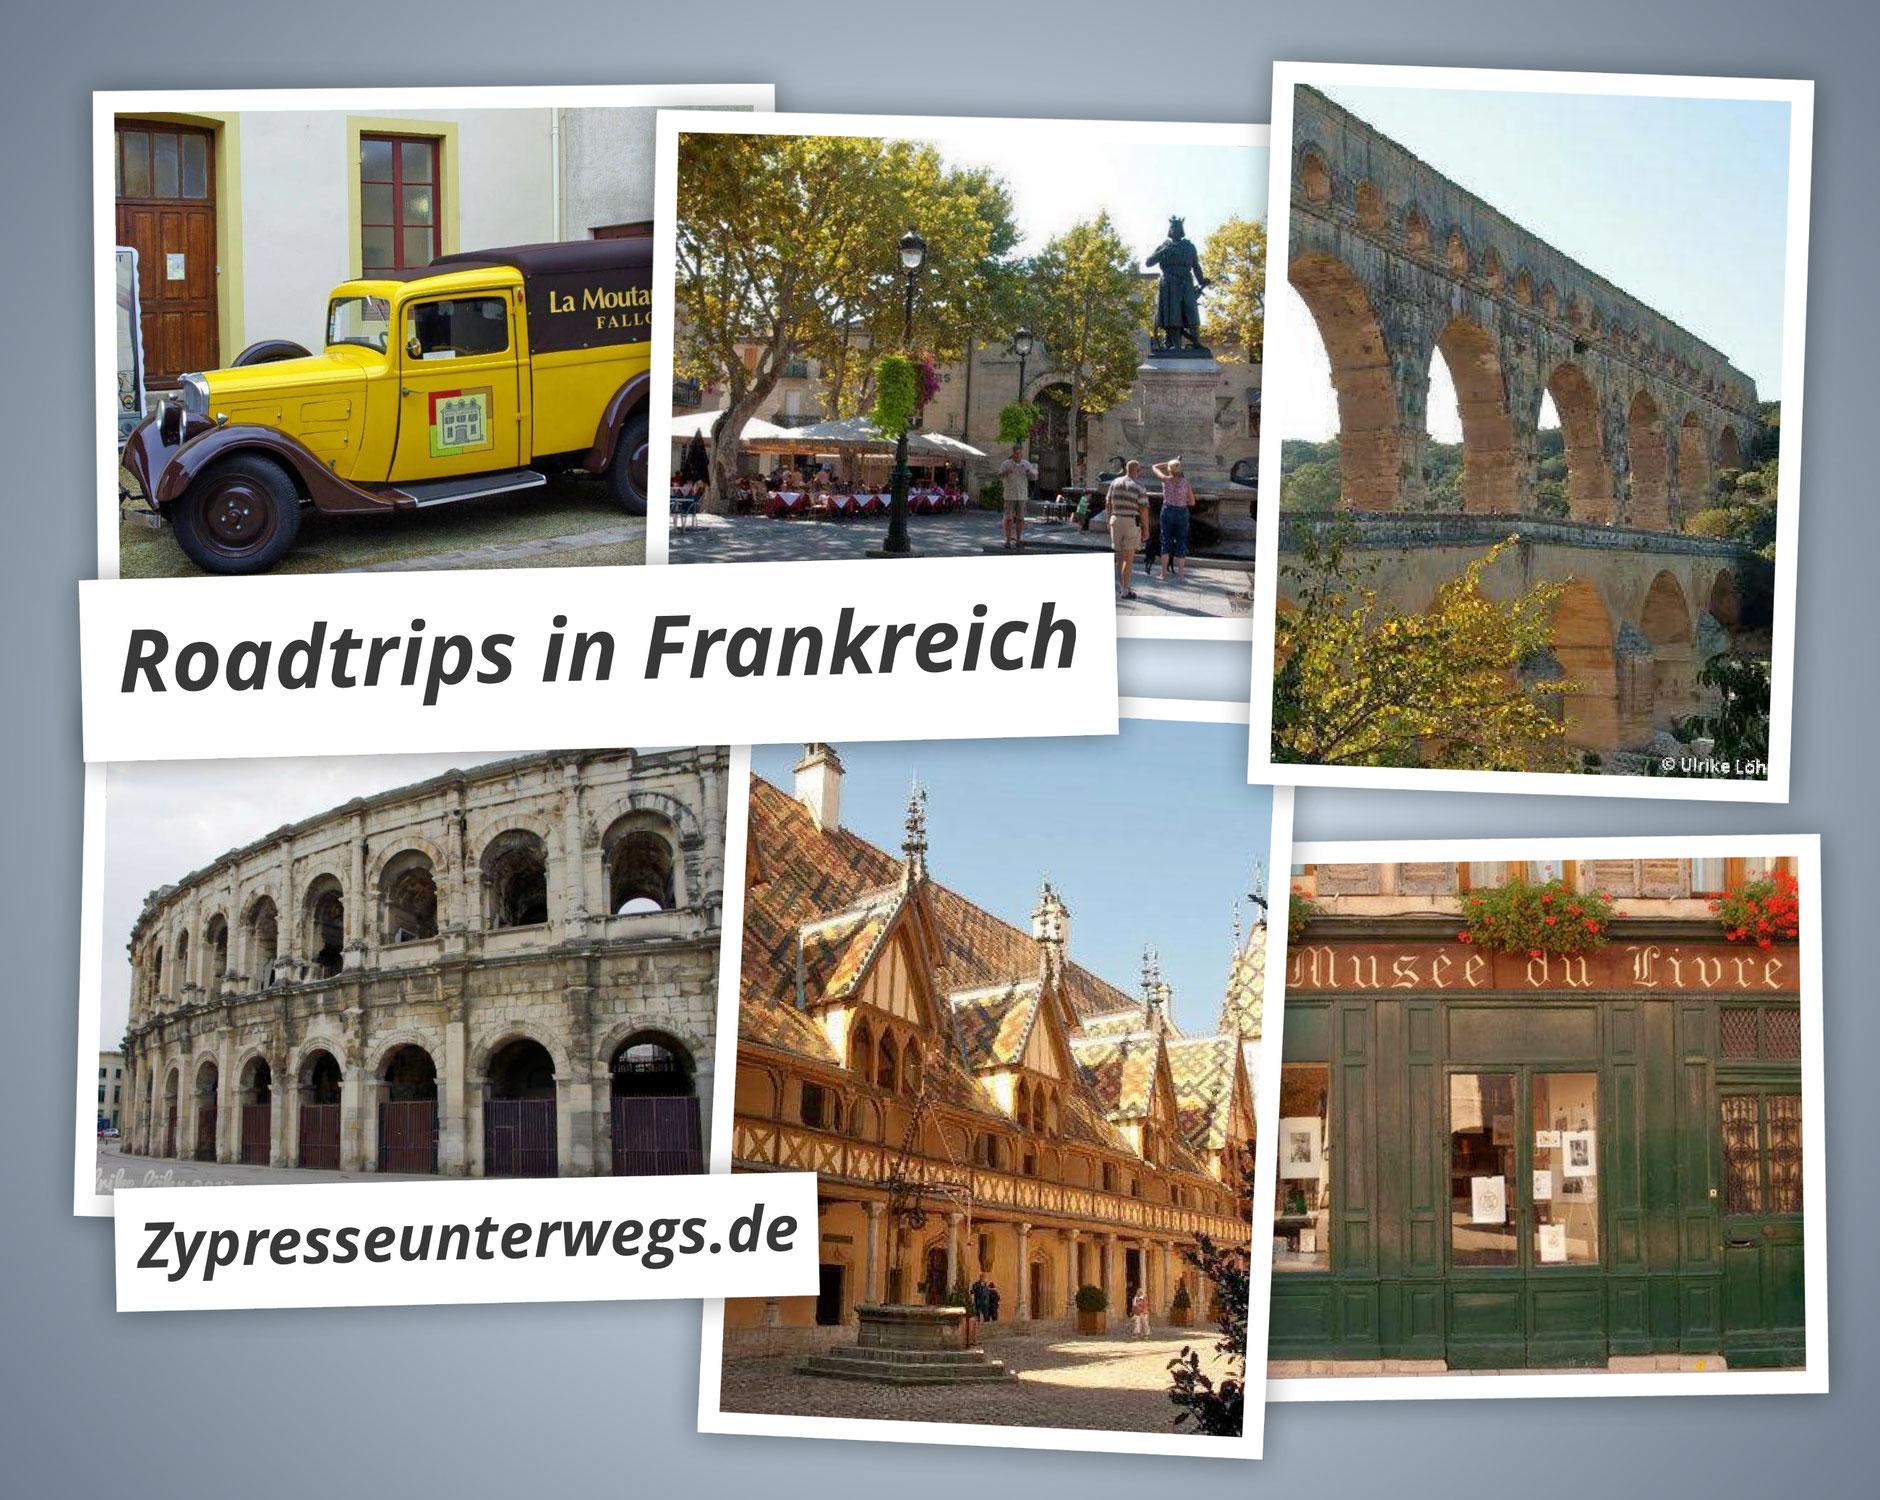 {ROUND UP} 9 Roadtrips in Frankreich